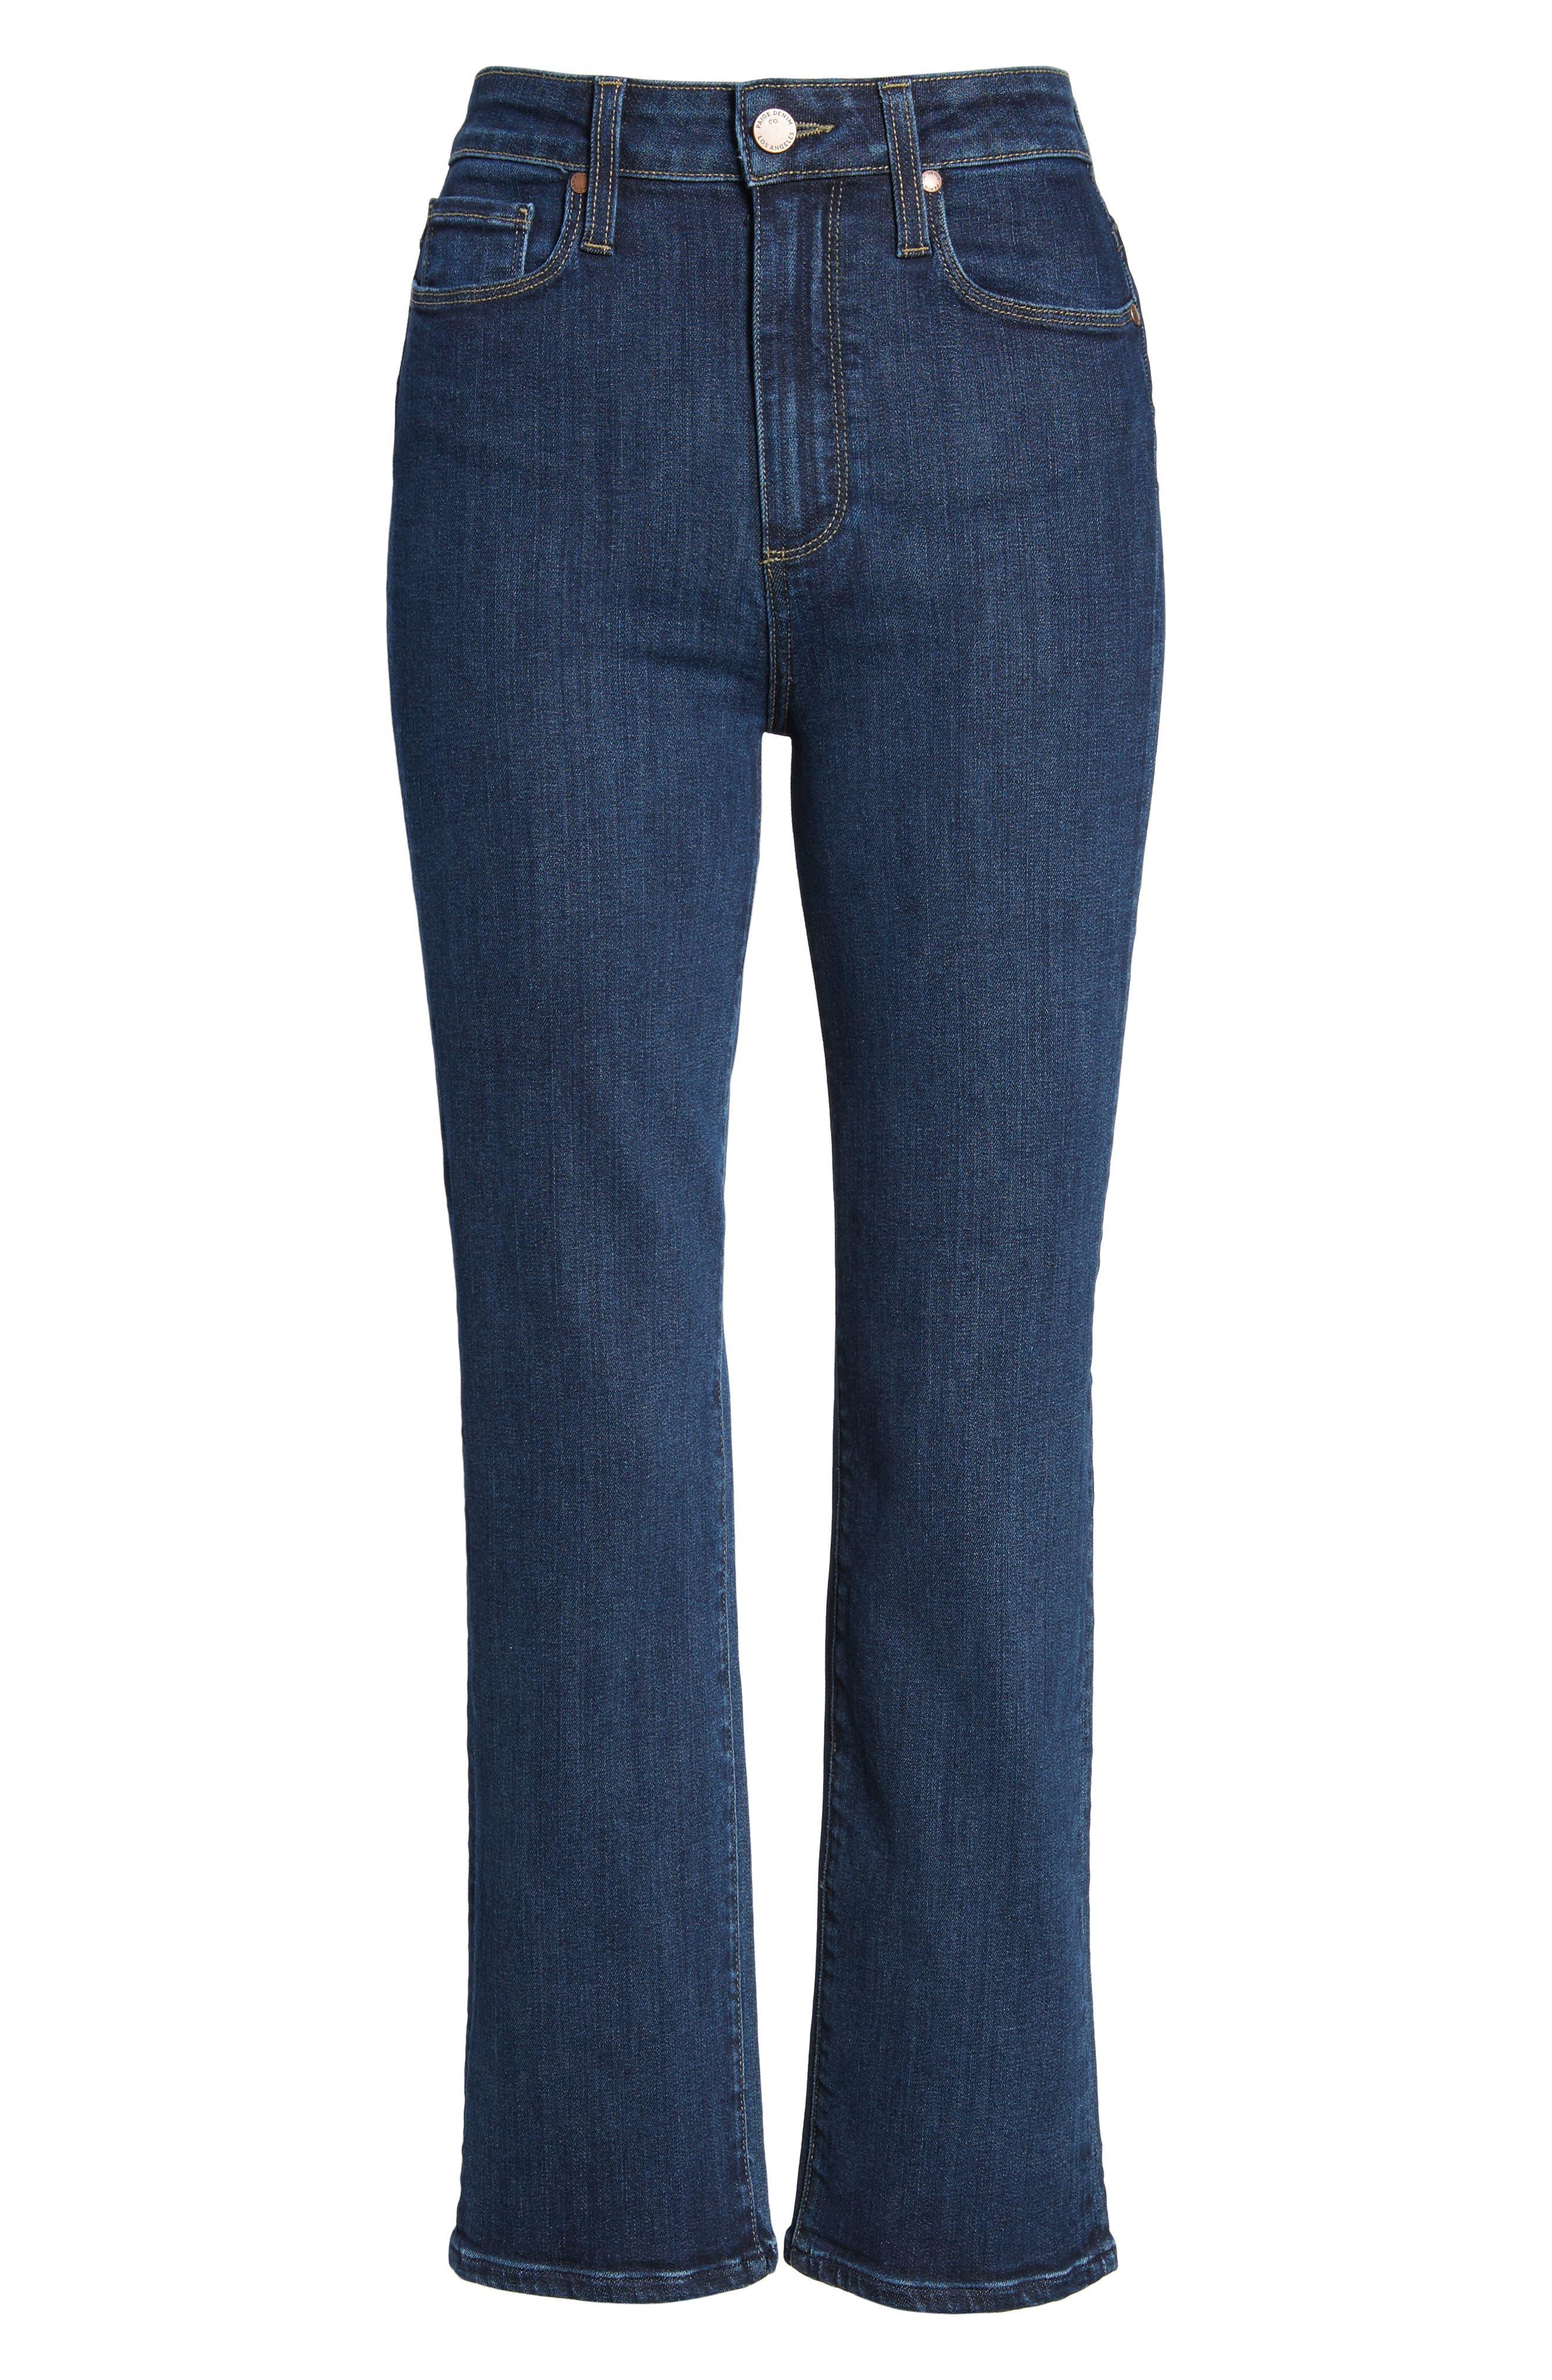 Margot High Waist Ankle Straight Leg Jeans,                             Alternate thumbnail 7, color,